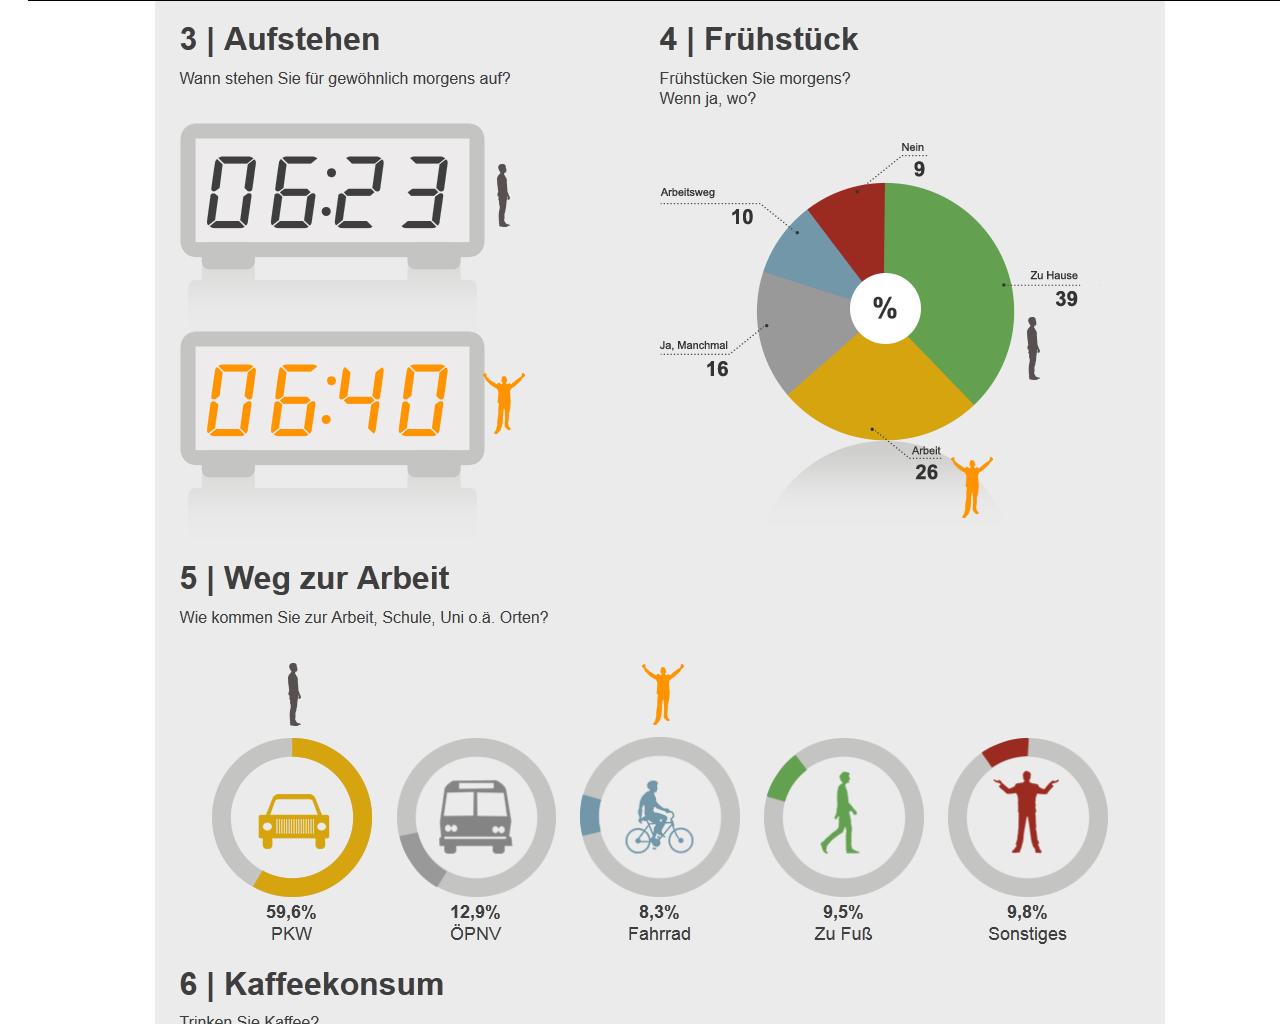 Meine Antworten im Vergleich mit dem Durchschnitt als Infografik